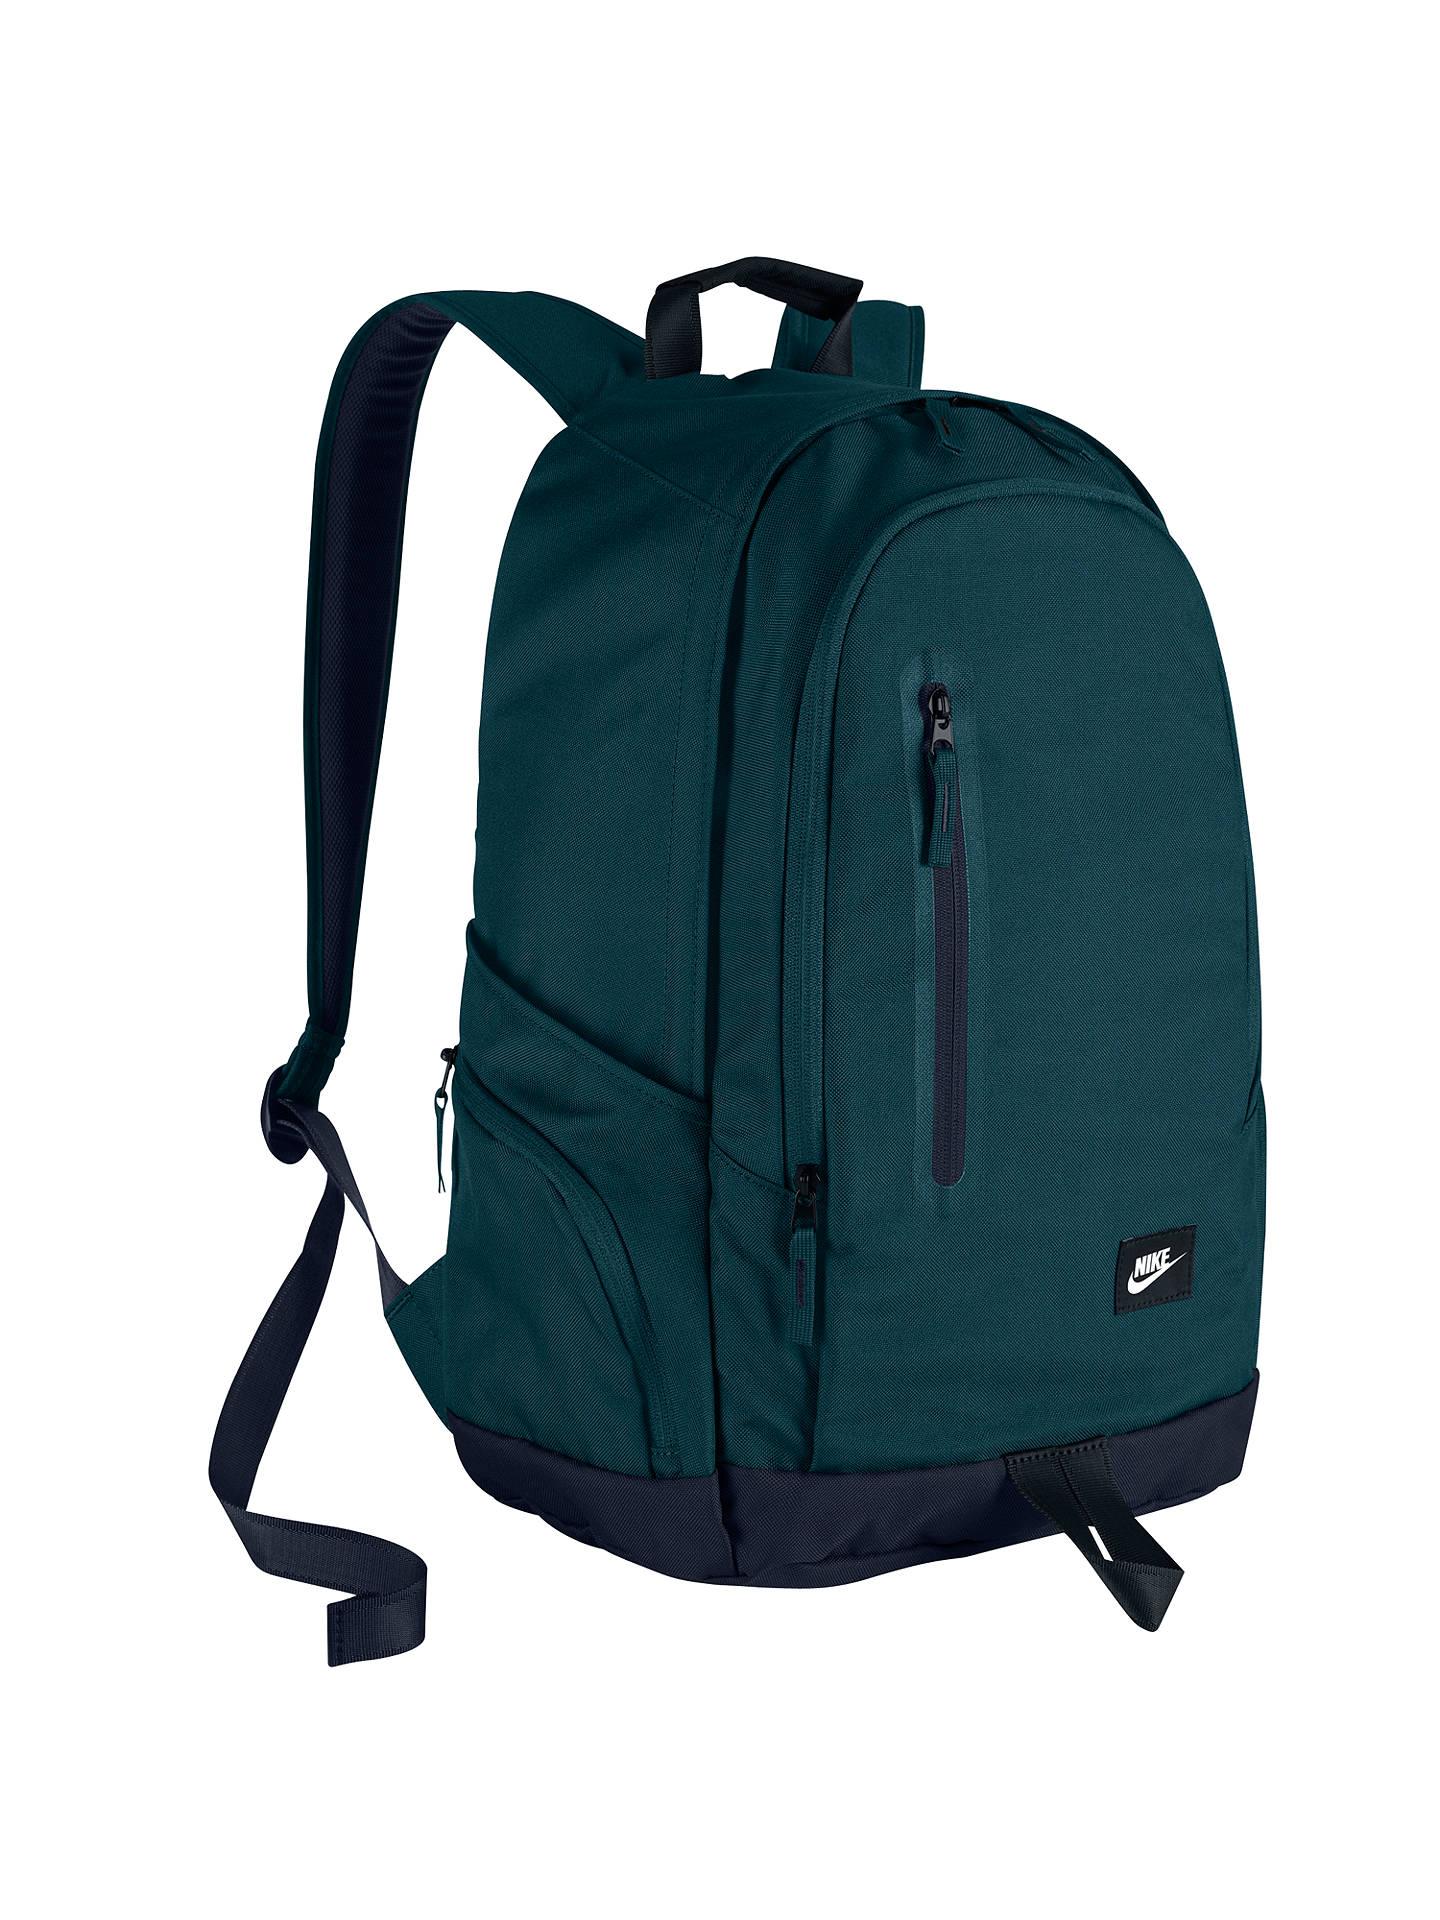 9c69cd0e002a BuyNike All Access Fullfare Backpack